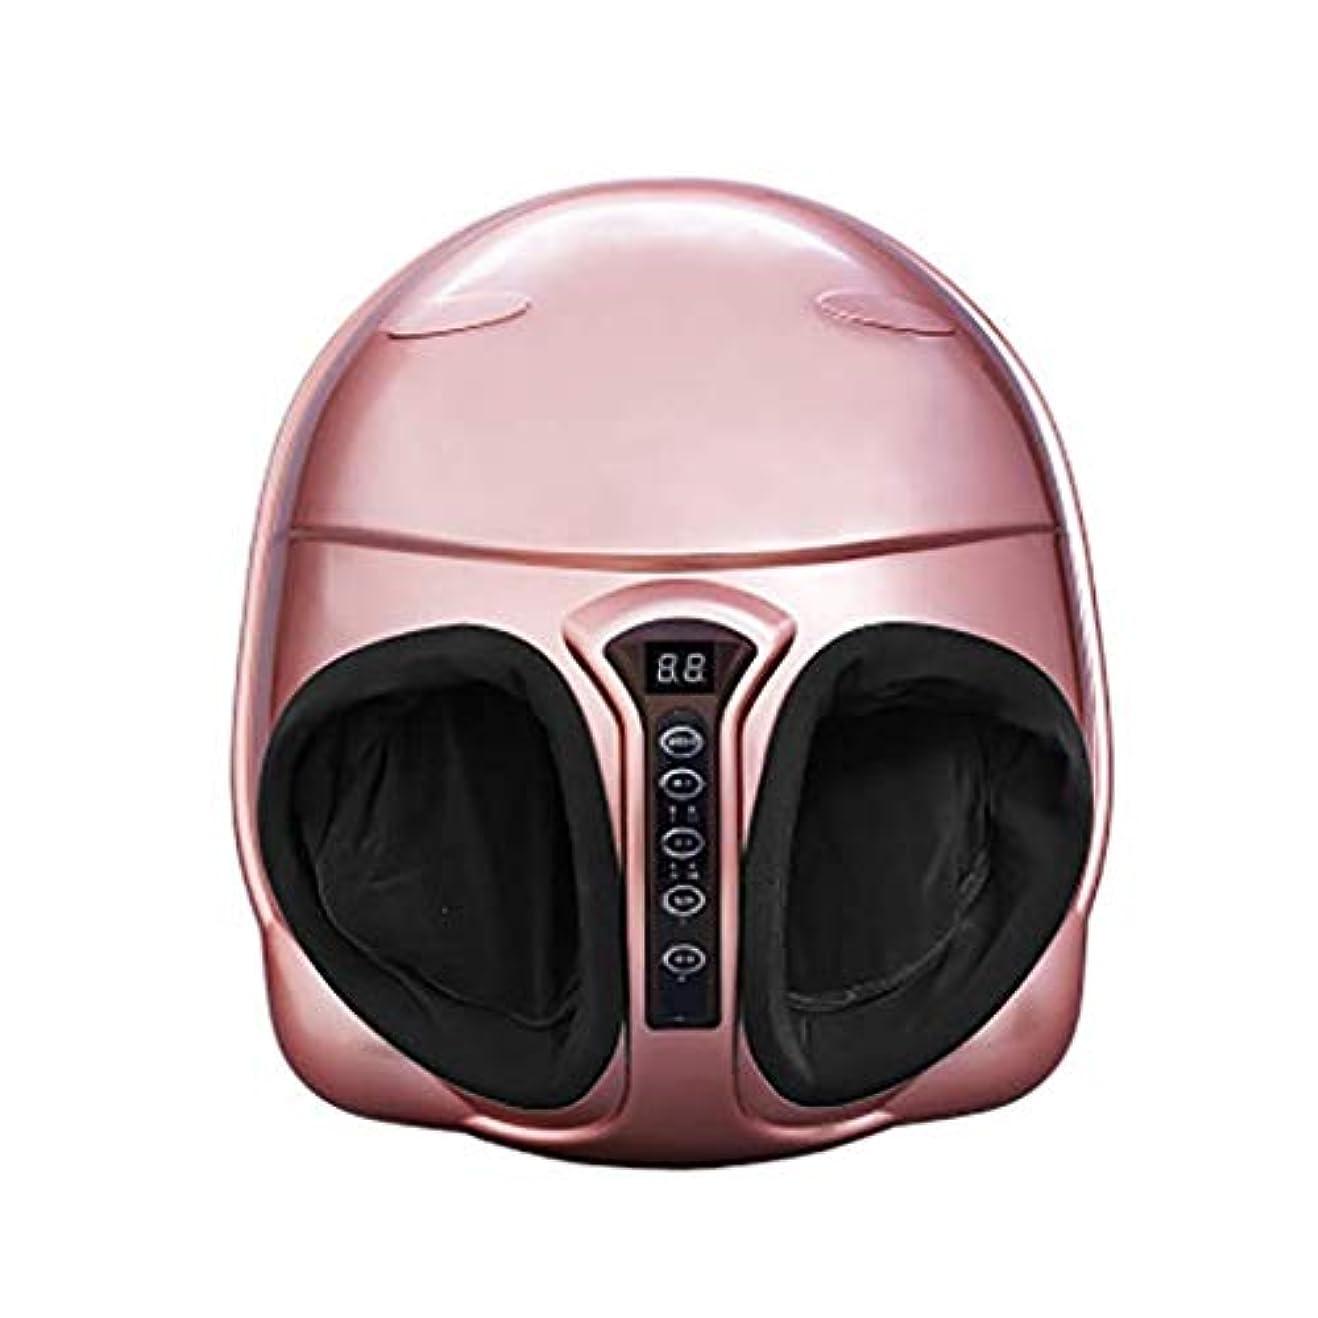 治安判事噴出するナビゲーションフットマッサージャー、電気フットマッサージャー、赤外線/暖房/混練/空気圧/リラクゼーションマッサージ機器、リモートコントロールは、時間指定が可能 (Color : ピンク, Size : Noremotecontrol)